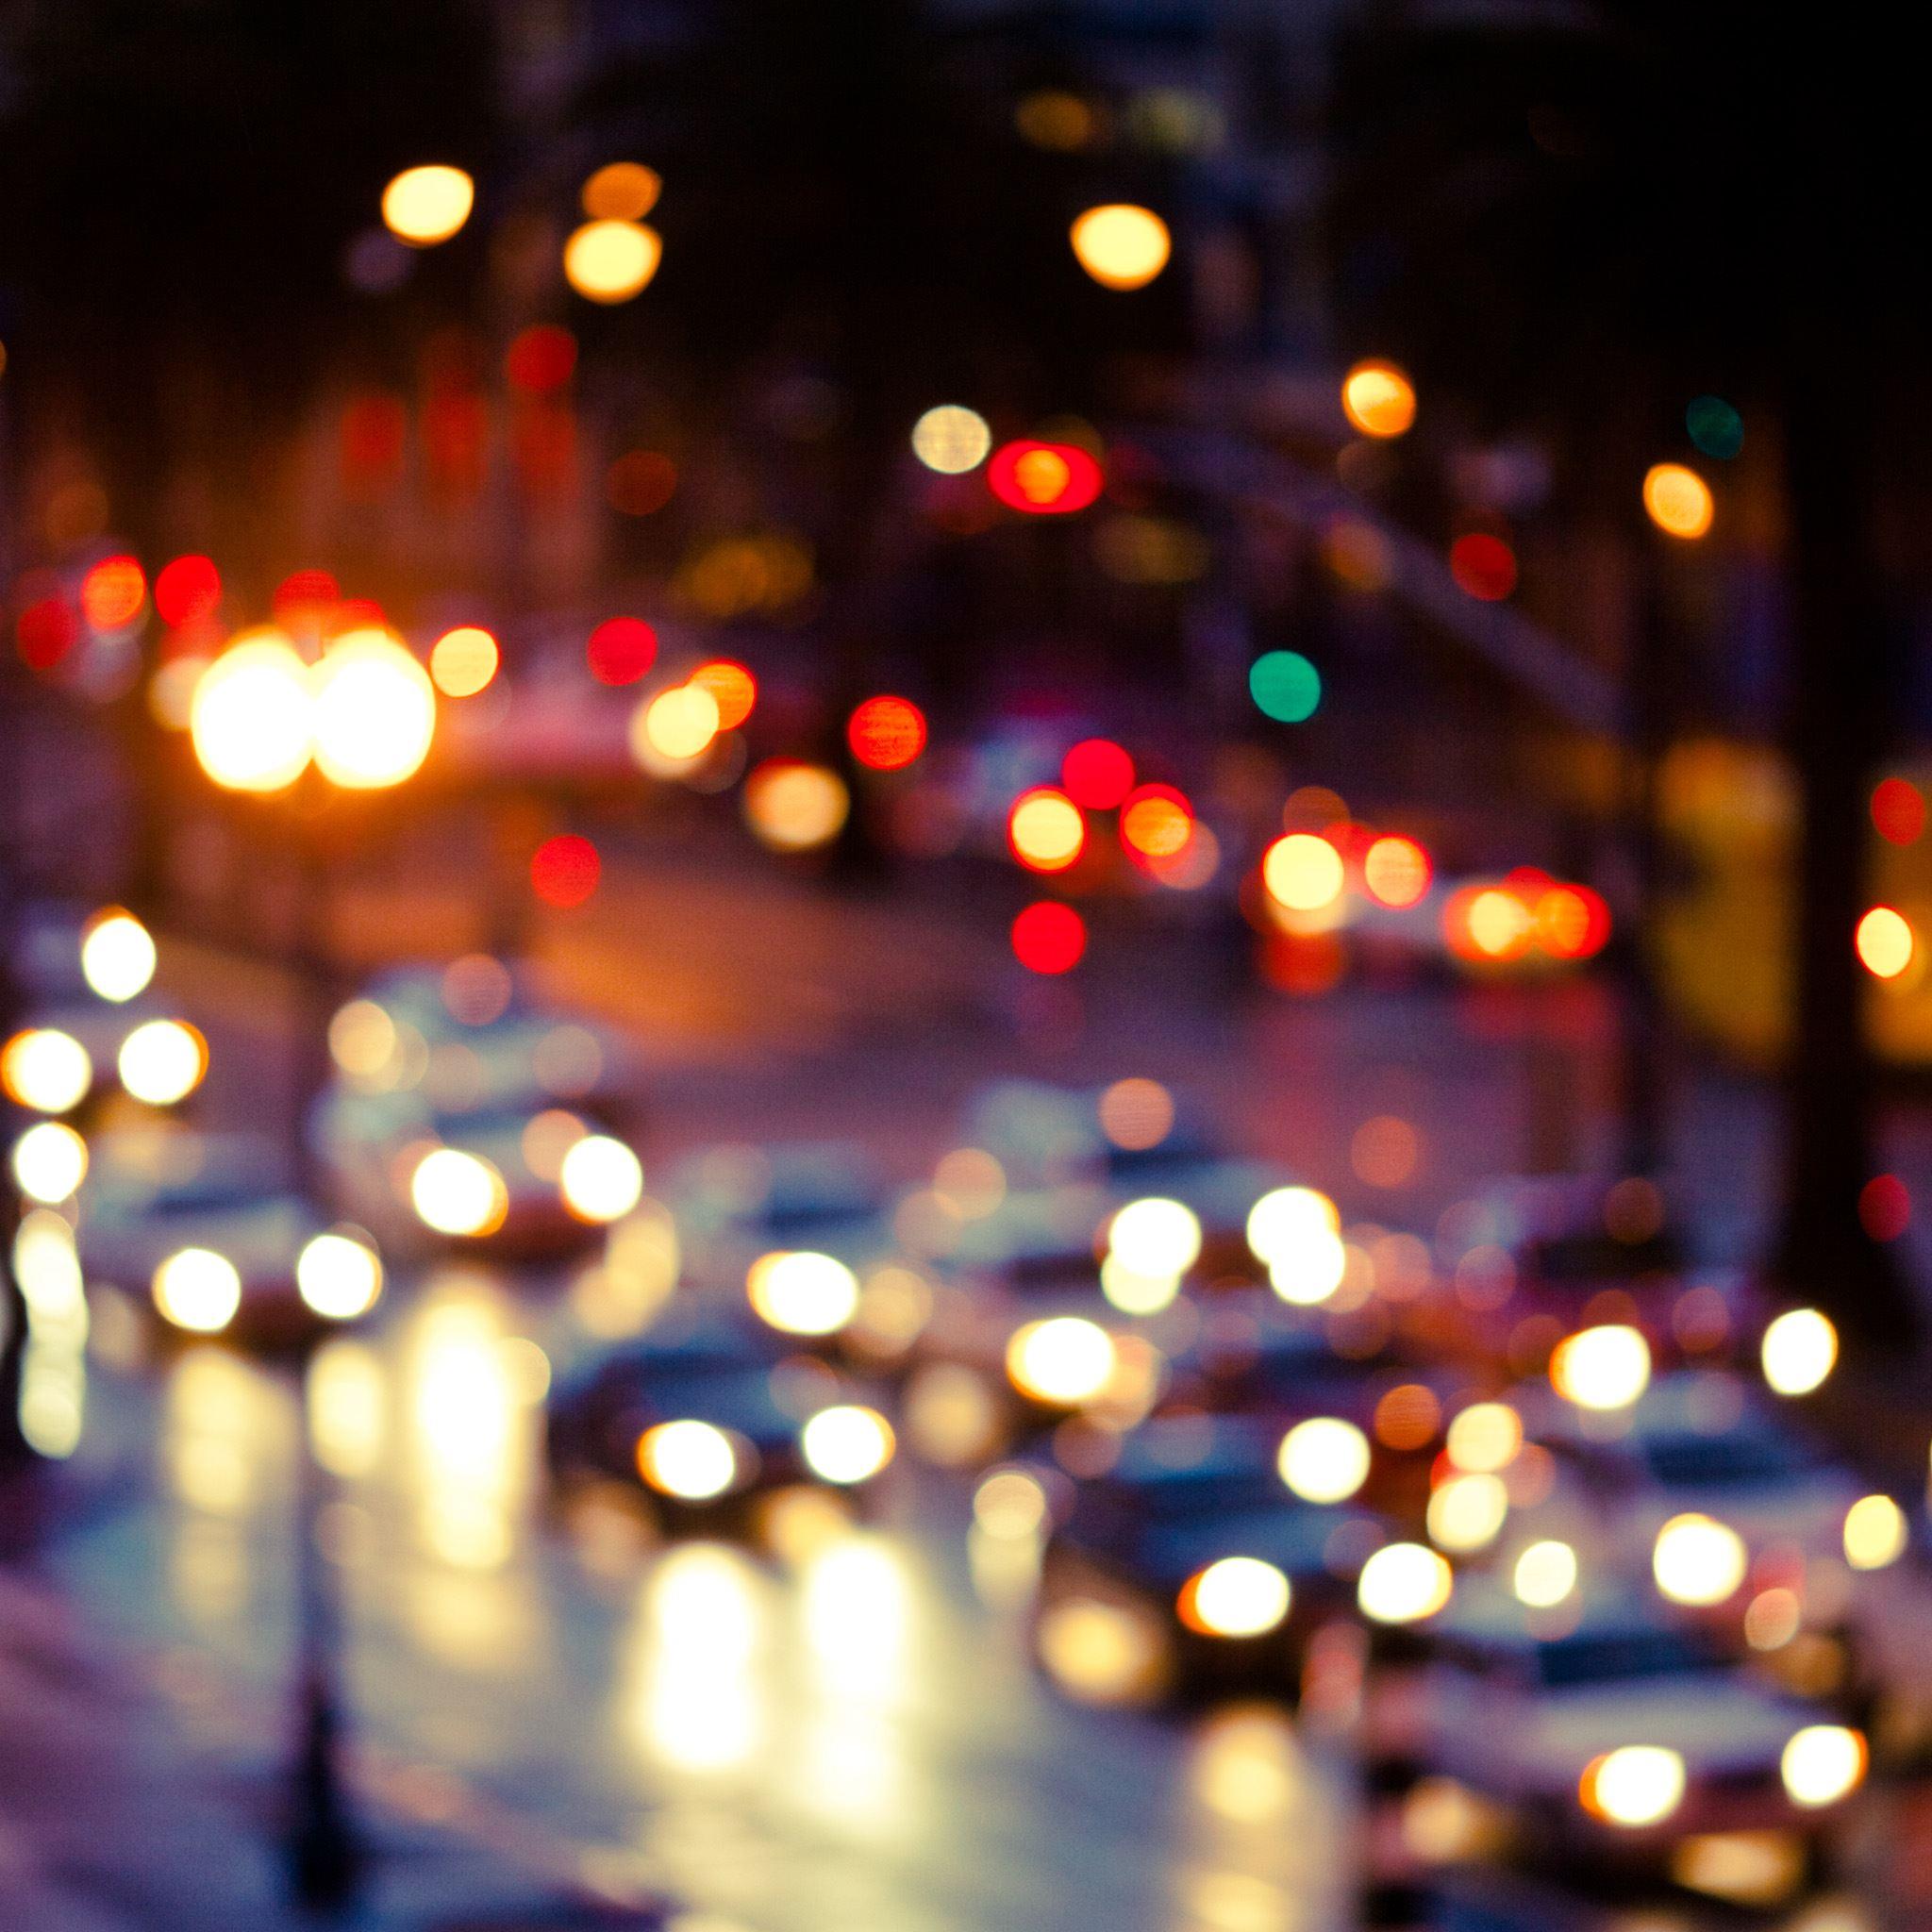 Blurry rainy street iPad Air wallpaper